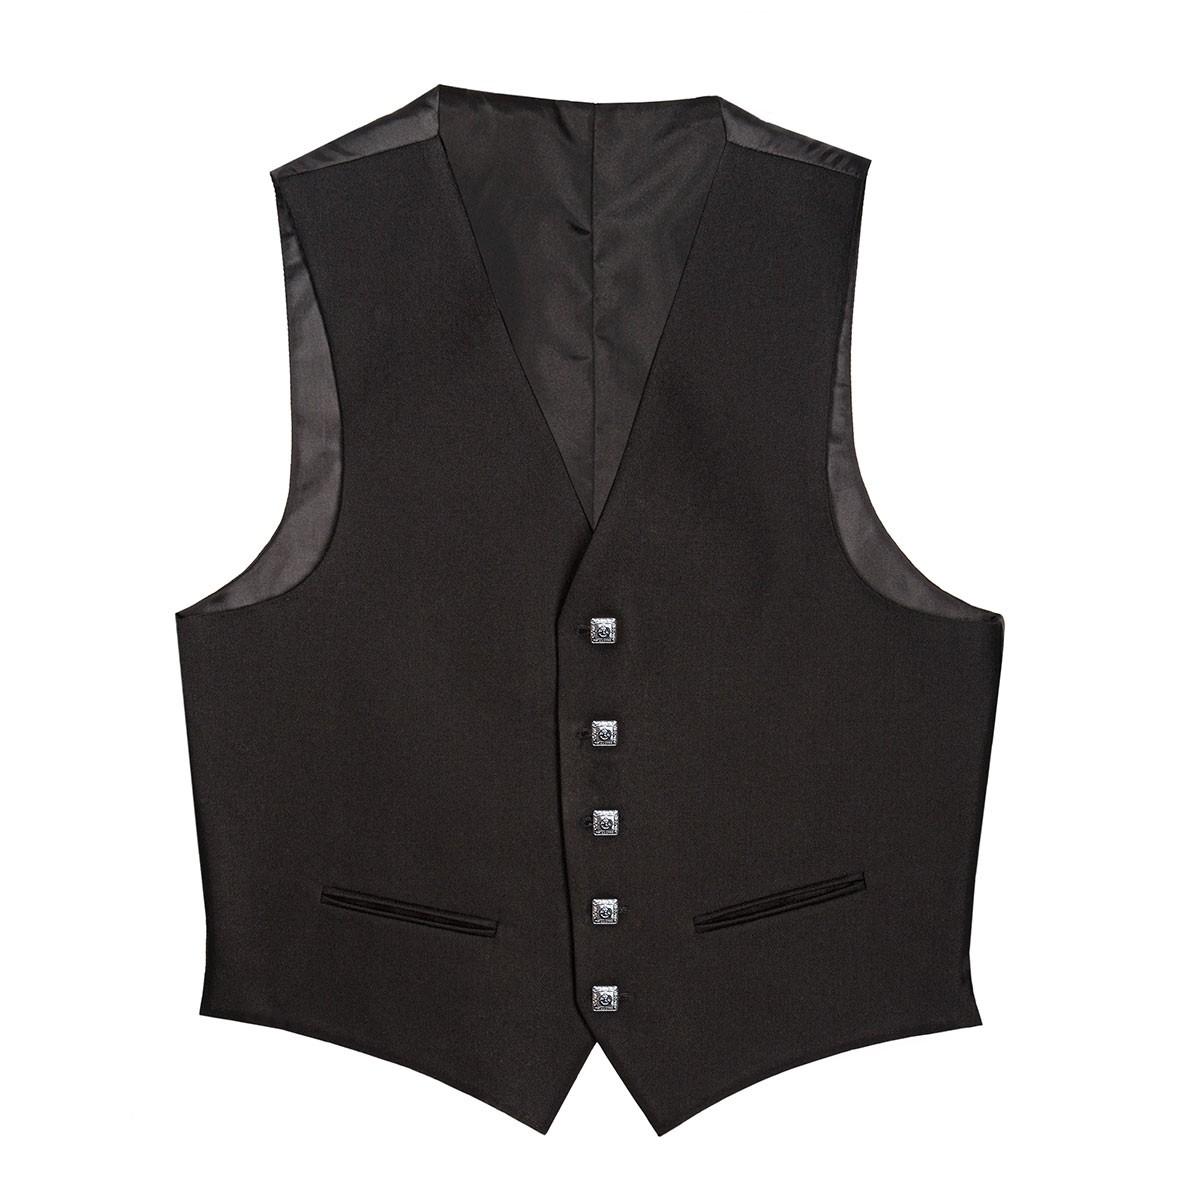 Barathea 5 Button Kilt Waistcoat